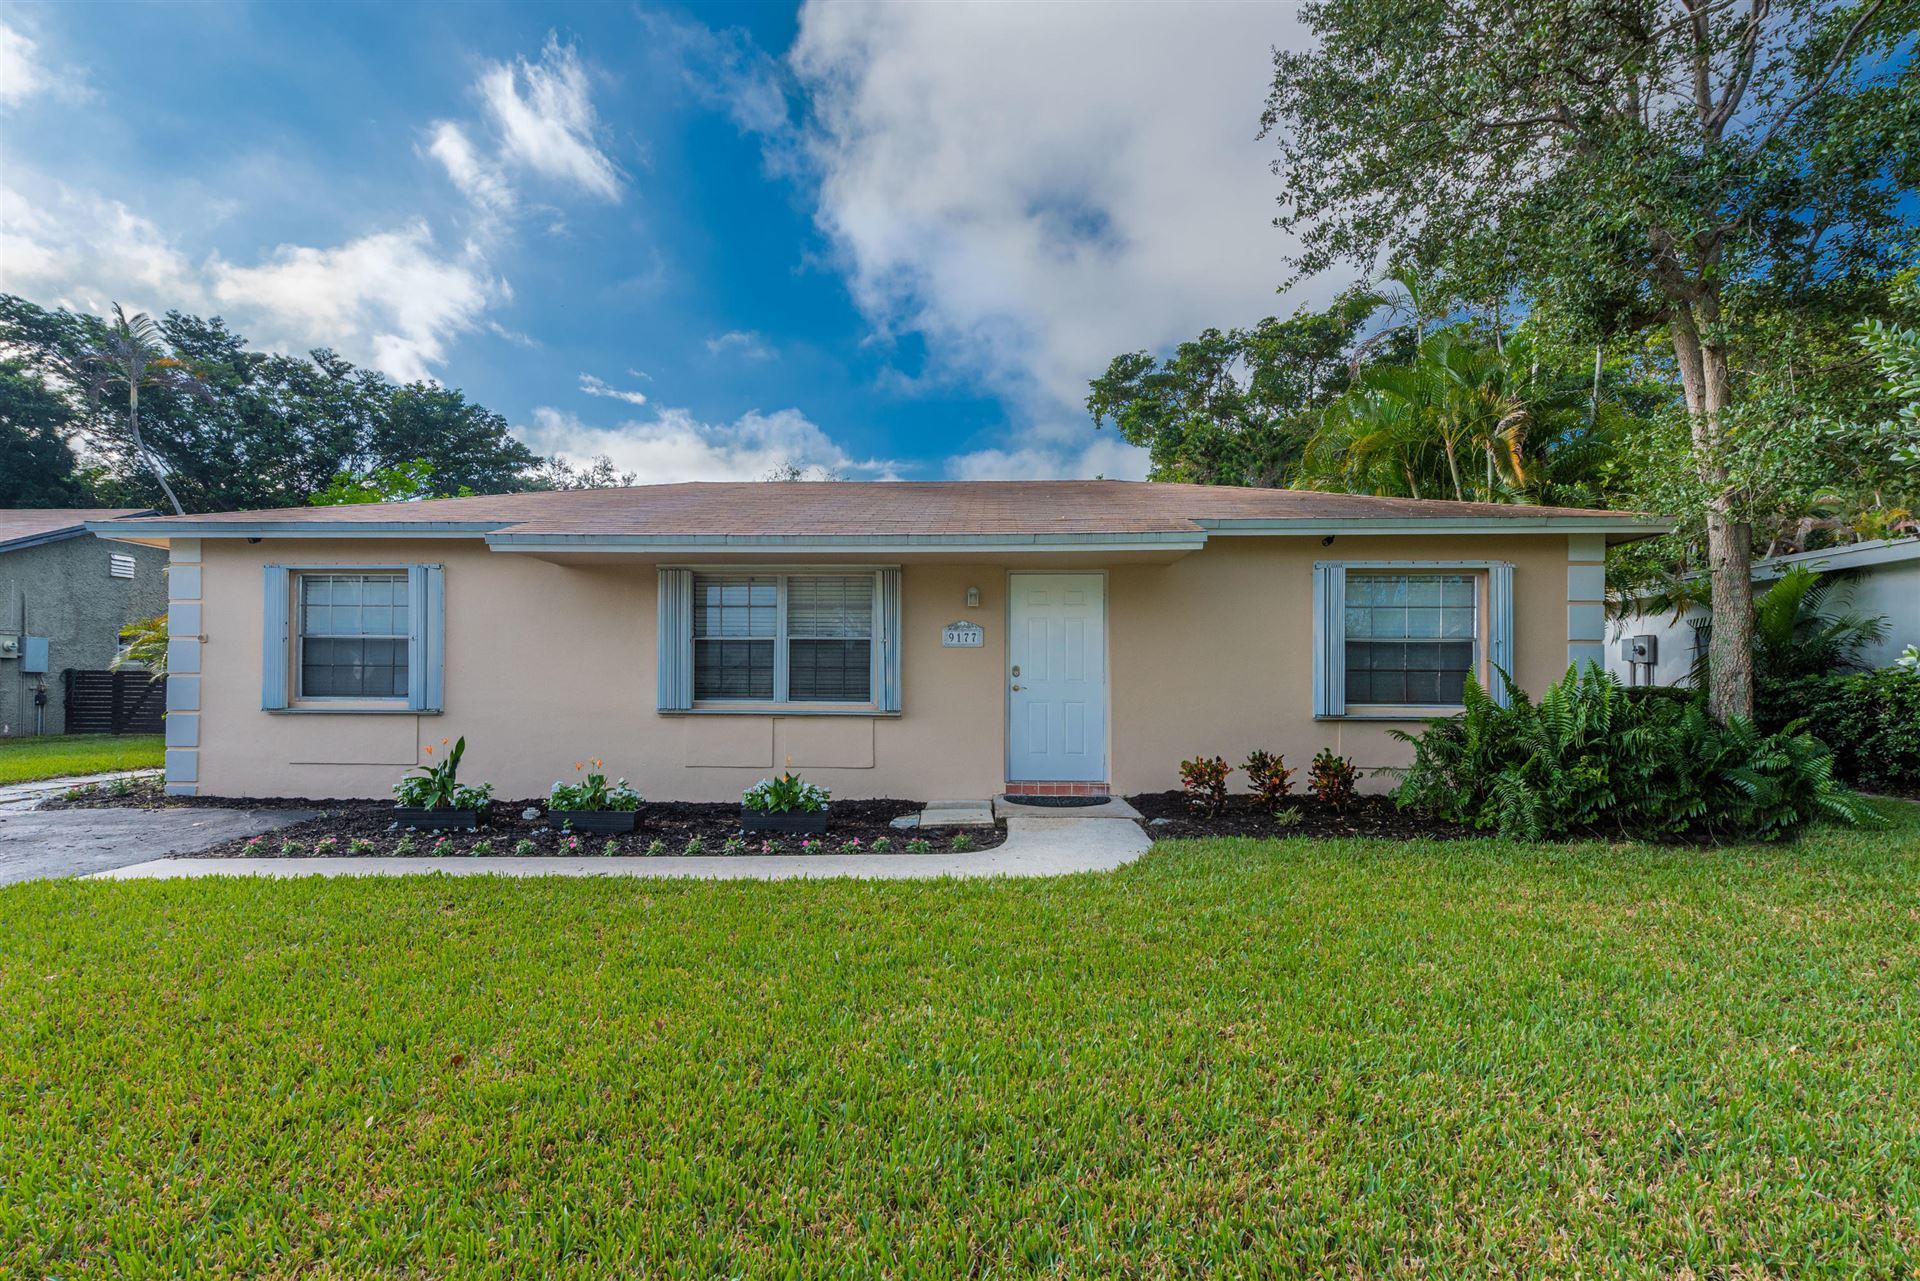 9177 Southampton Place, Boca Raton, FL 33434 - #: RX-10663080